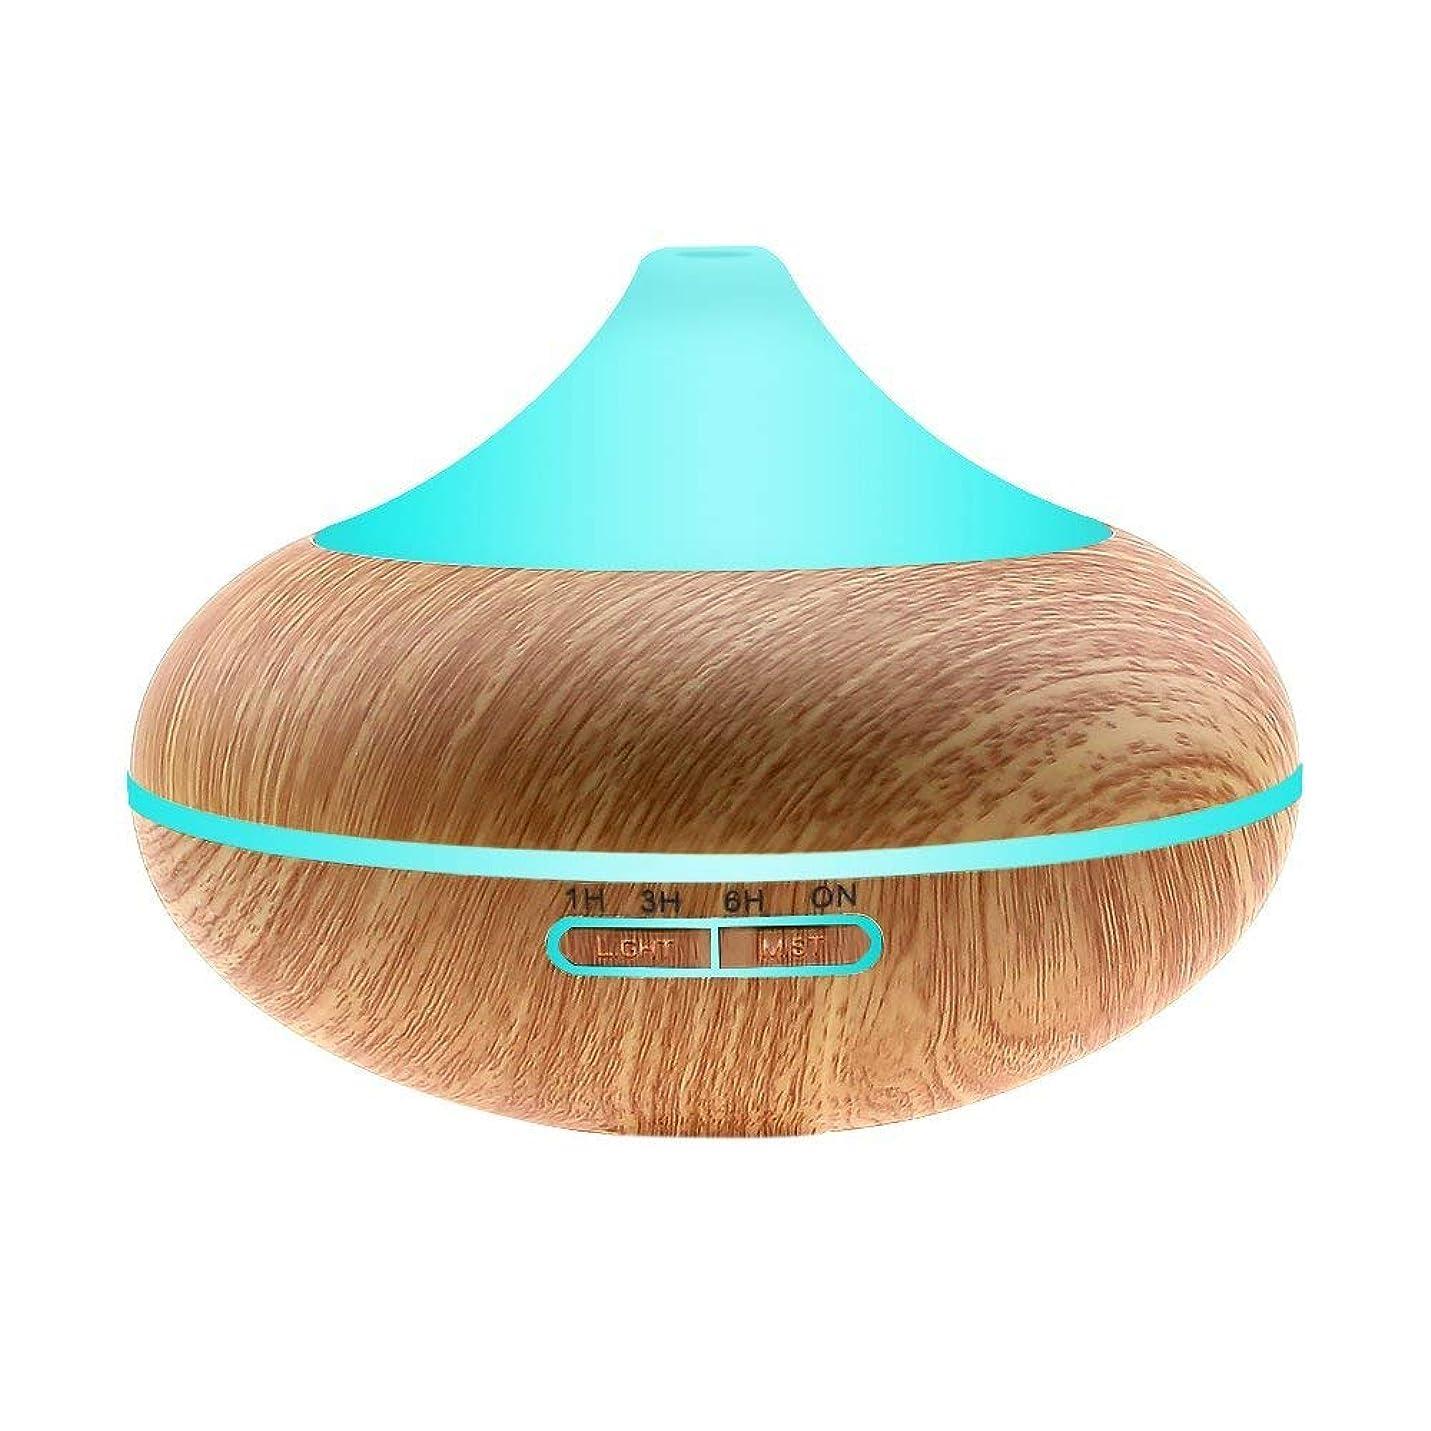 きょうだいストライドコアiBazal アロマディフューザー 加湿器 卓上加湿器 アロマ加湿器 USB 超音波式 空気清浄機 乾燥対策 空気浄化 ストレス解消 ミスト木目調 大容量450 7色変換LED搭載 時間設定